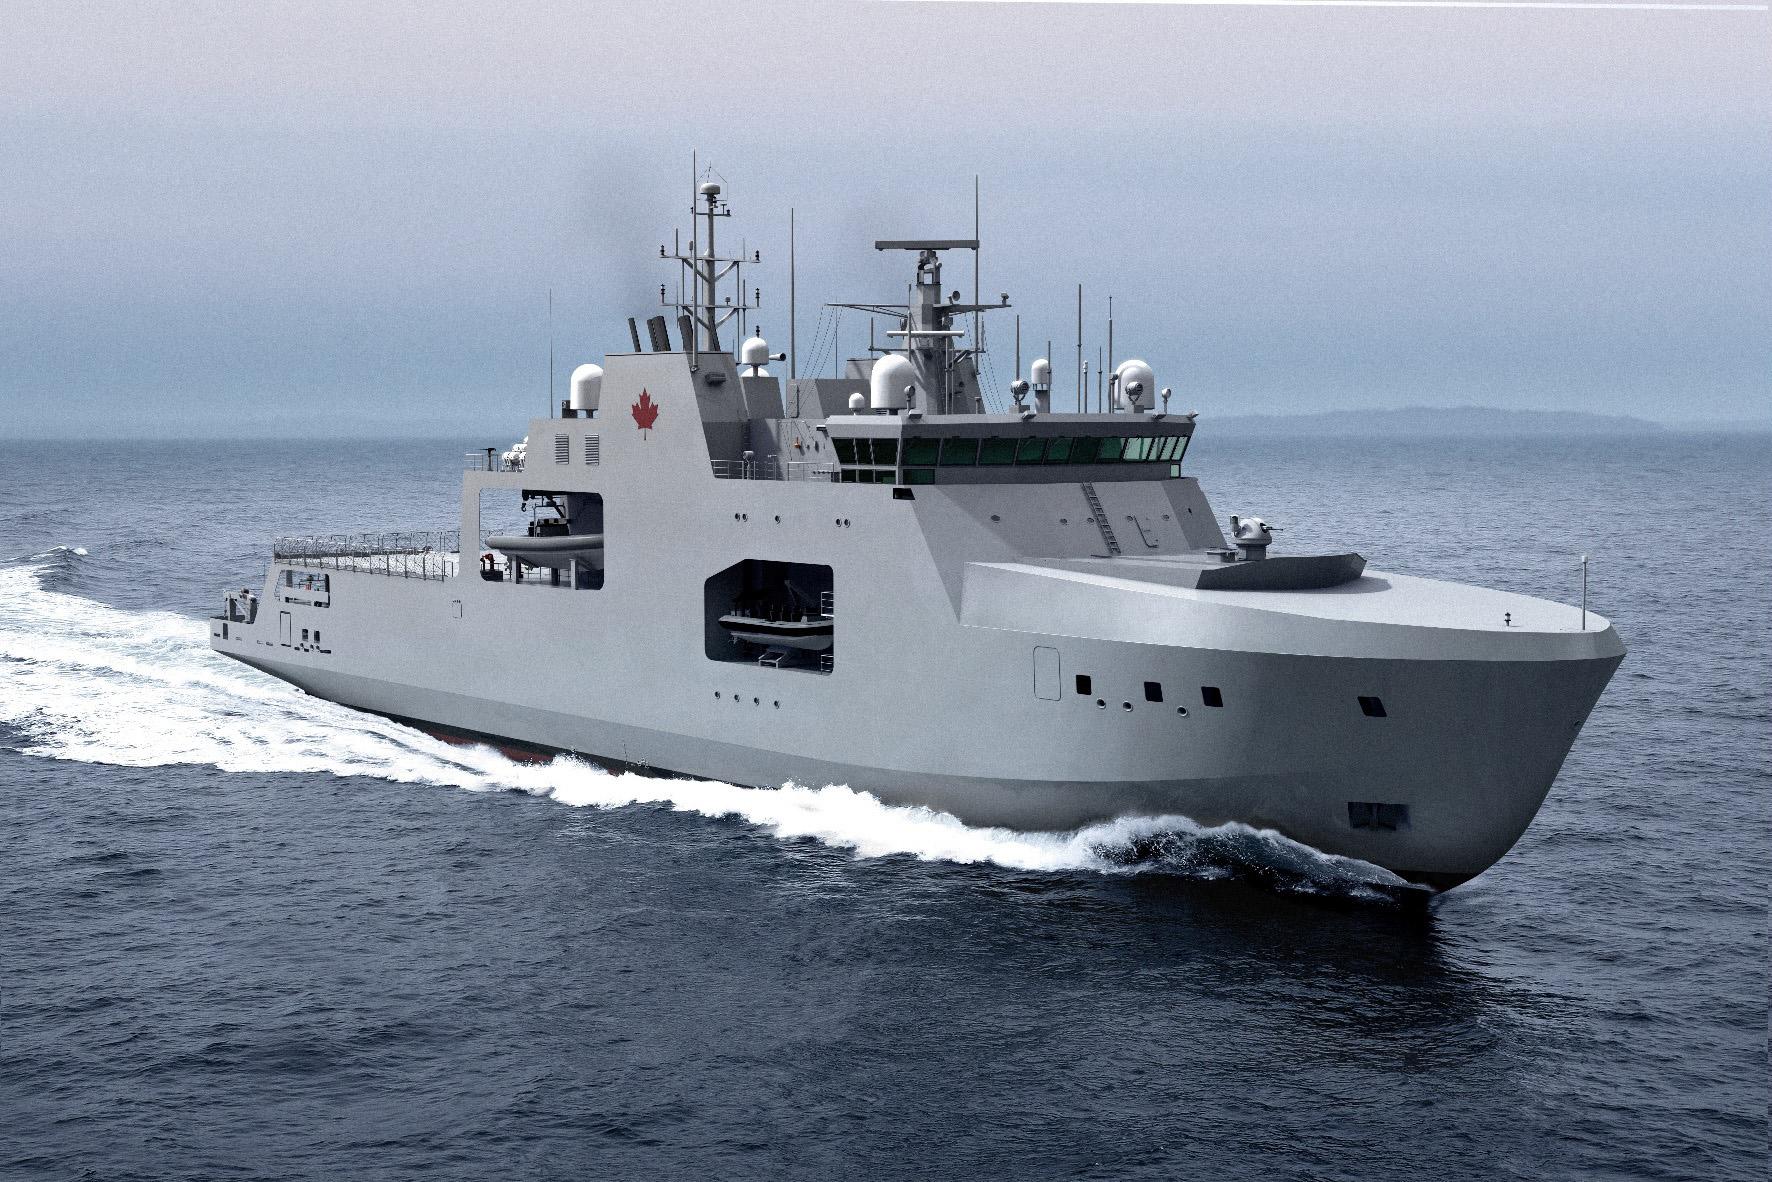 Рисунок патрульного корабля арктической зоны (Arctic and Offshore Patrol Vessels – AOPS).